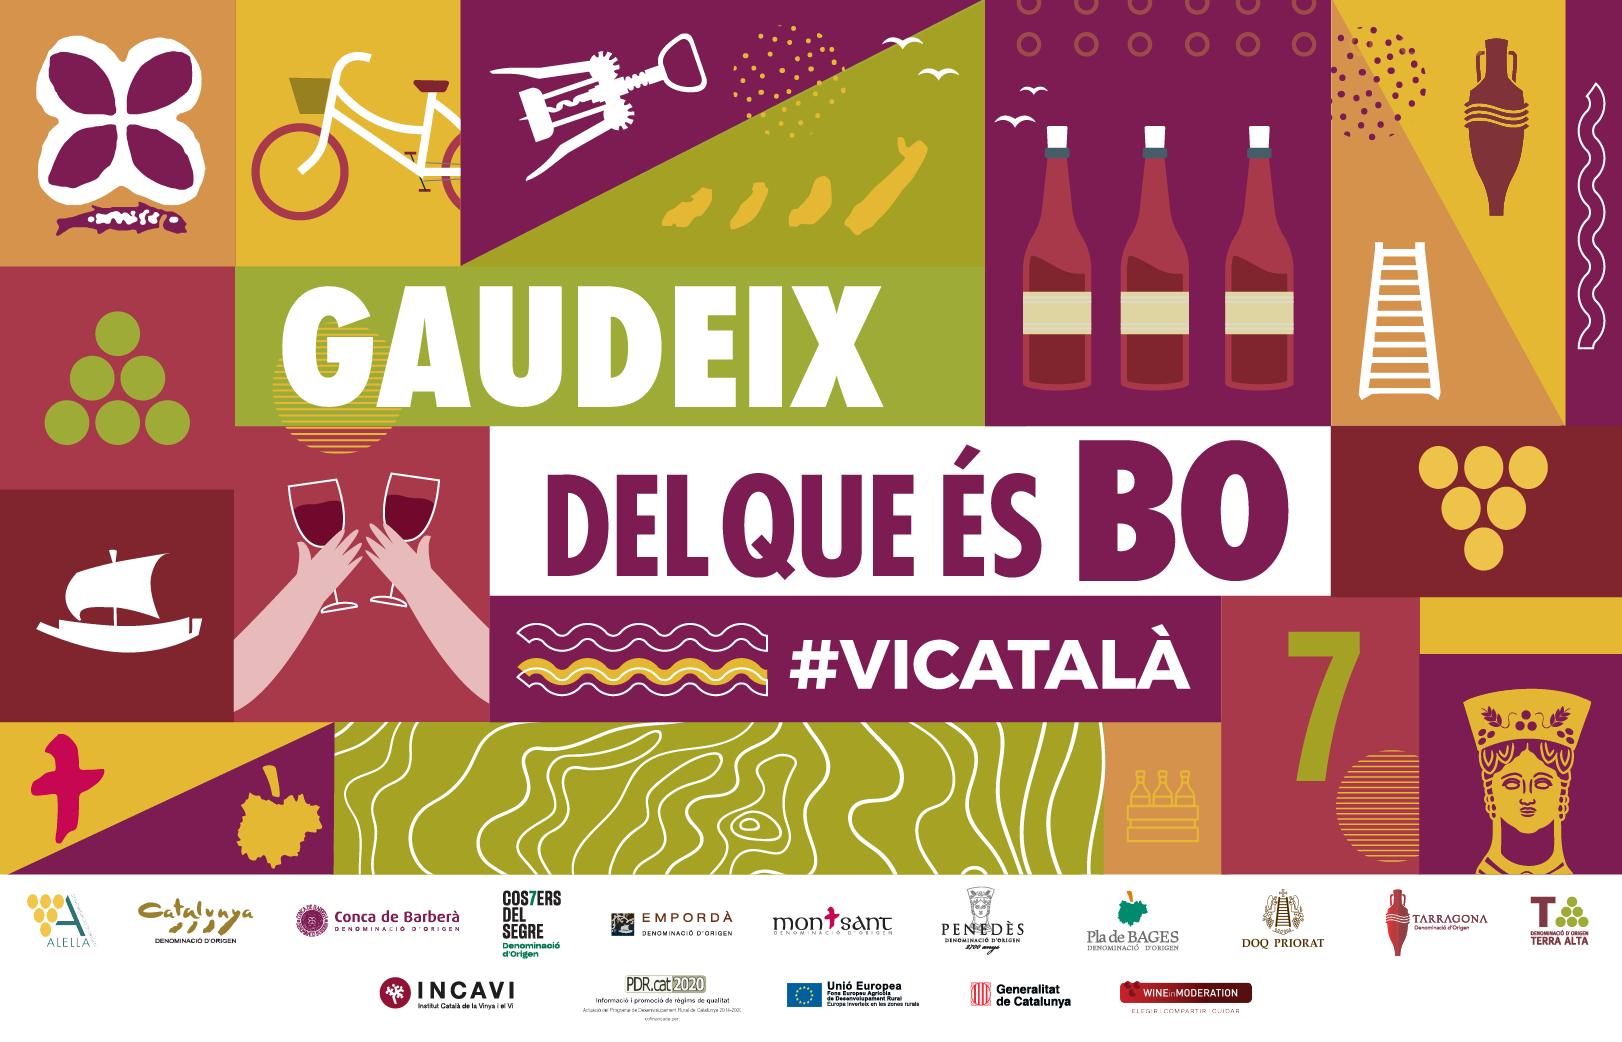 'Gaudeix del que és bo', la campanya conjunta de les Denominacions d'Origen catalanes per promoure el consum de vi català